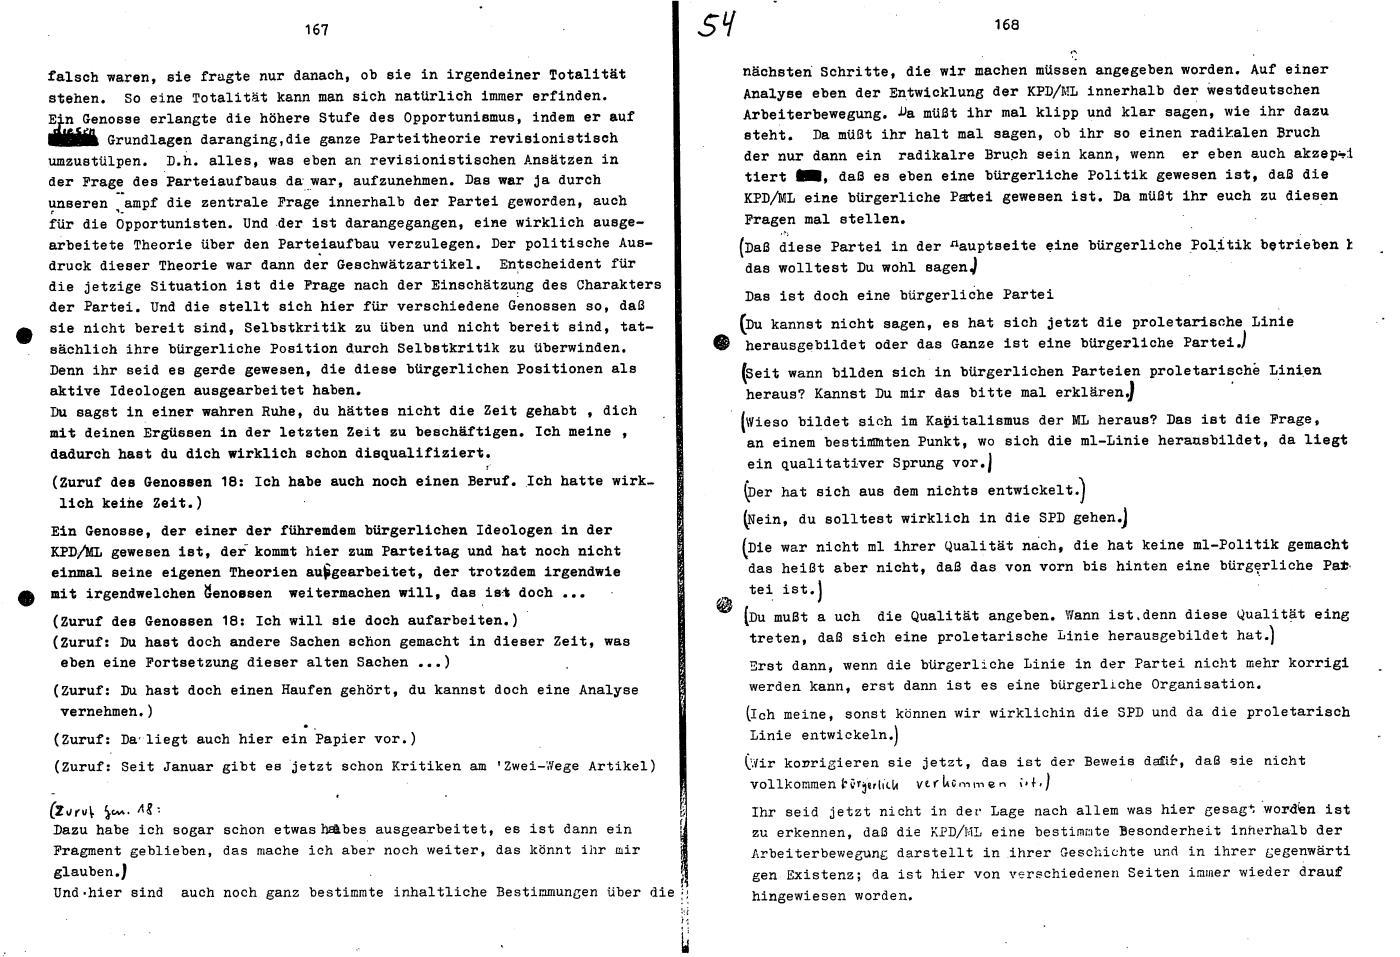 KPDML_1971_Wortprotokolle_aoPt_104